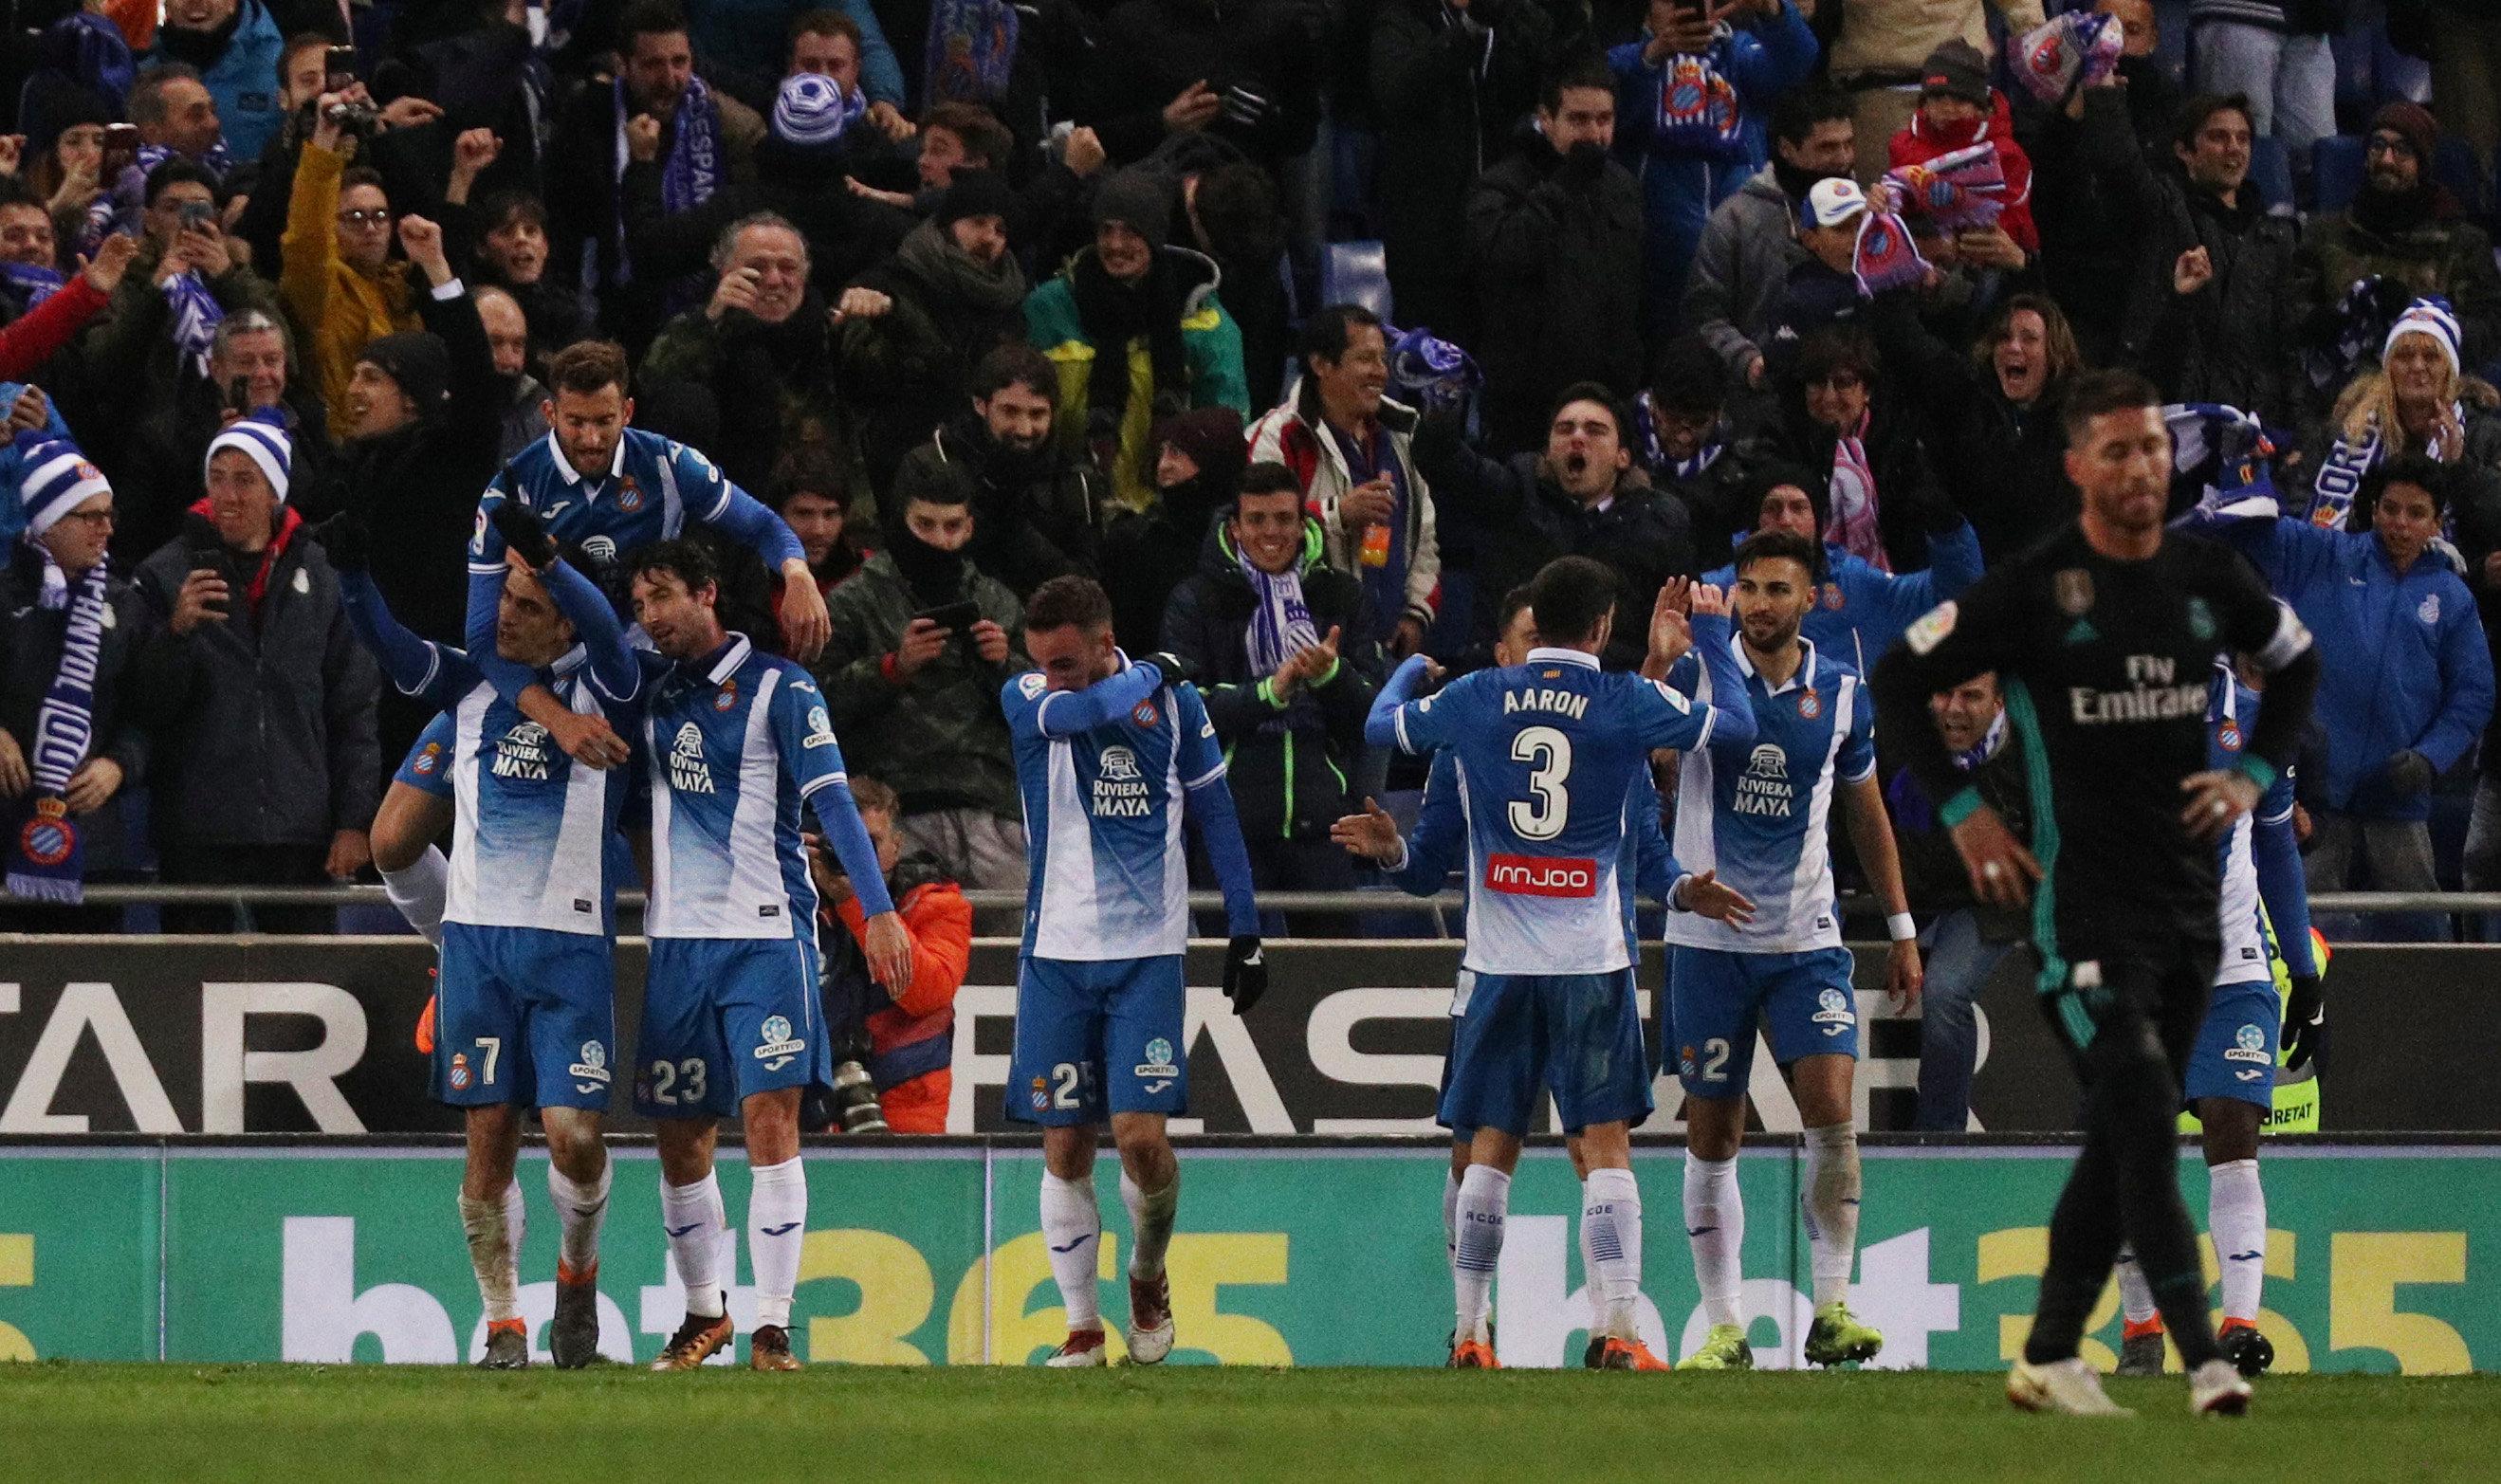 Niềm vui của các cầu thủ Espanyol sau khi ghi bàn vào lưới R.M. Ảnh: REUTERS